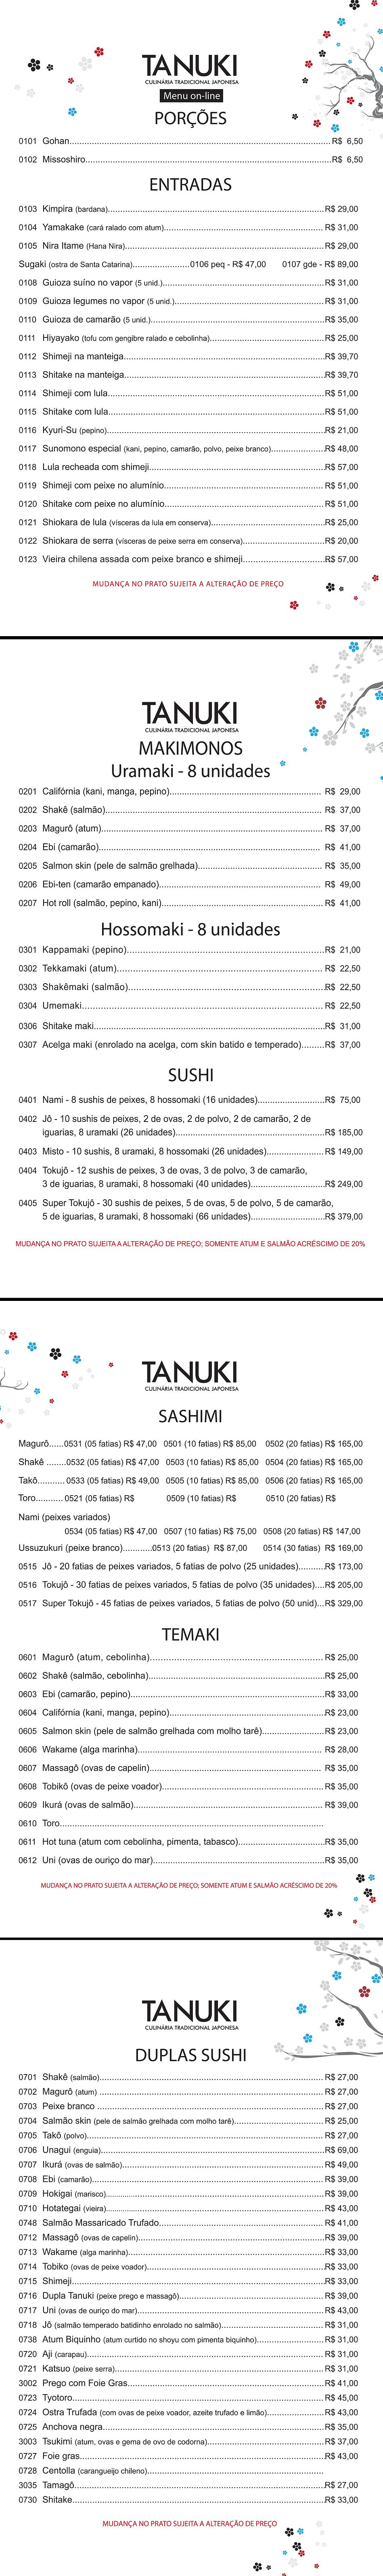 menu_ON_02.png